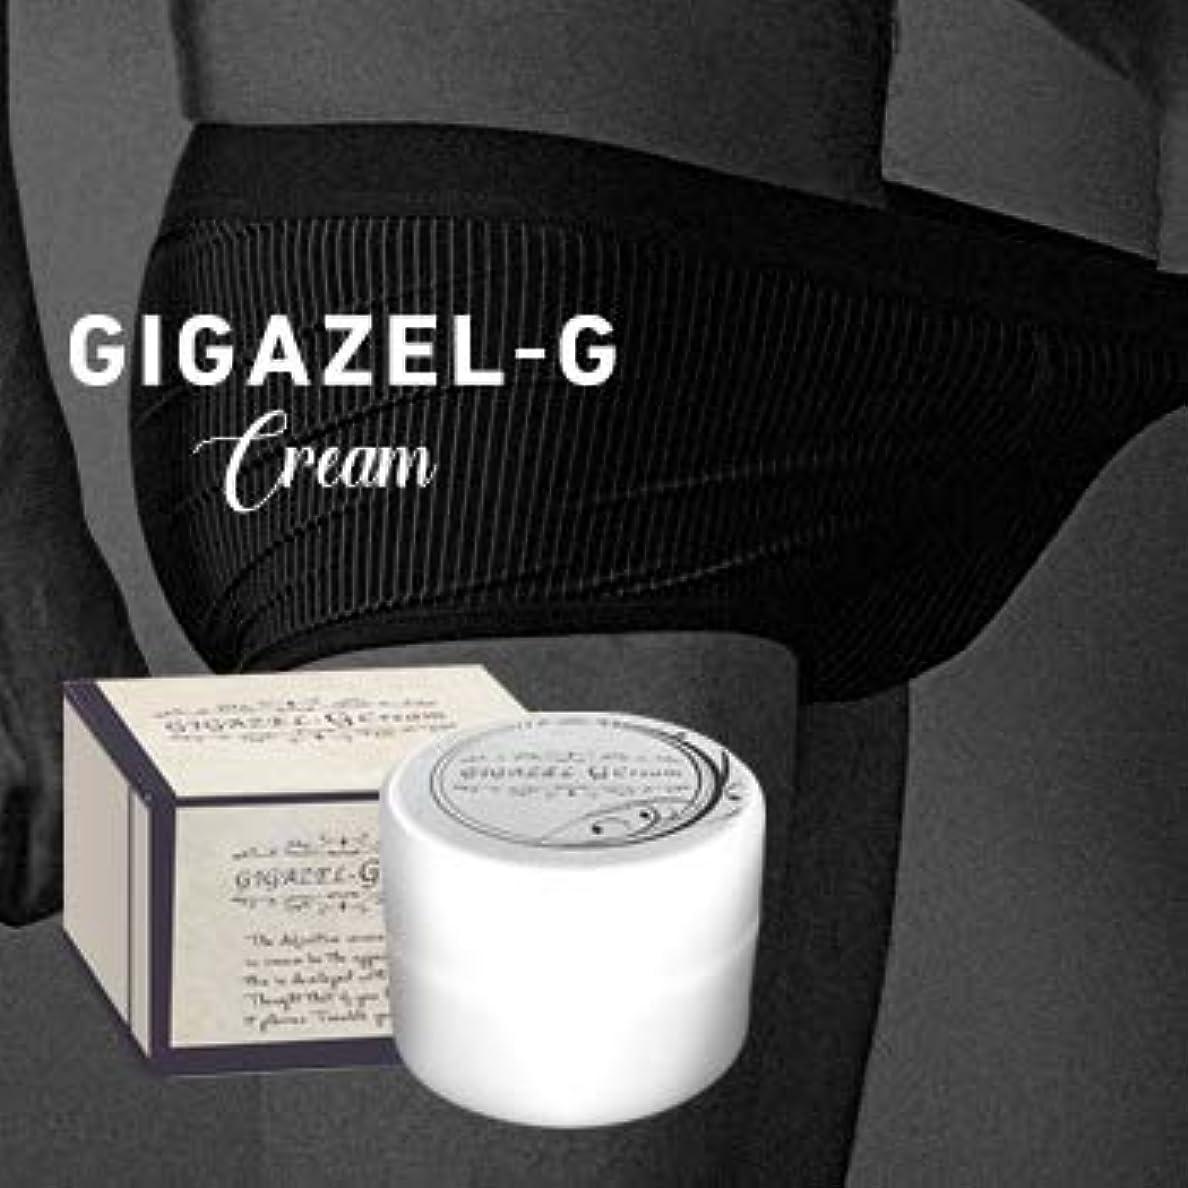 機械便宜ローブGIGAZEL-G-Cream(ギガゼルGクリーム)~男性用ボディクリーム~